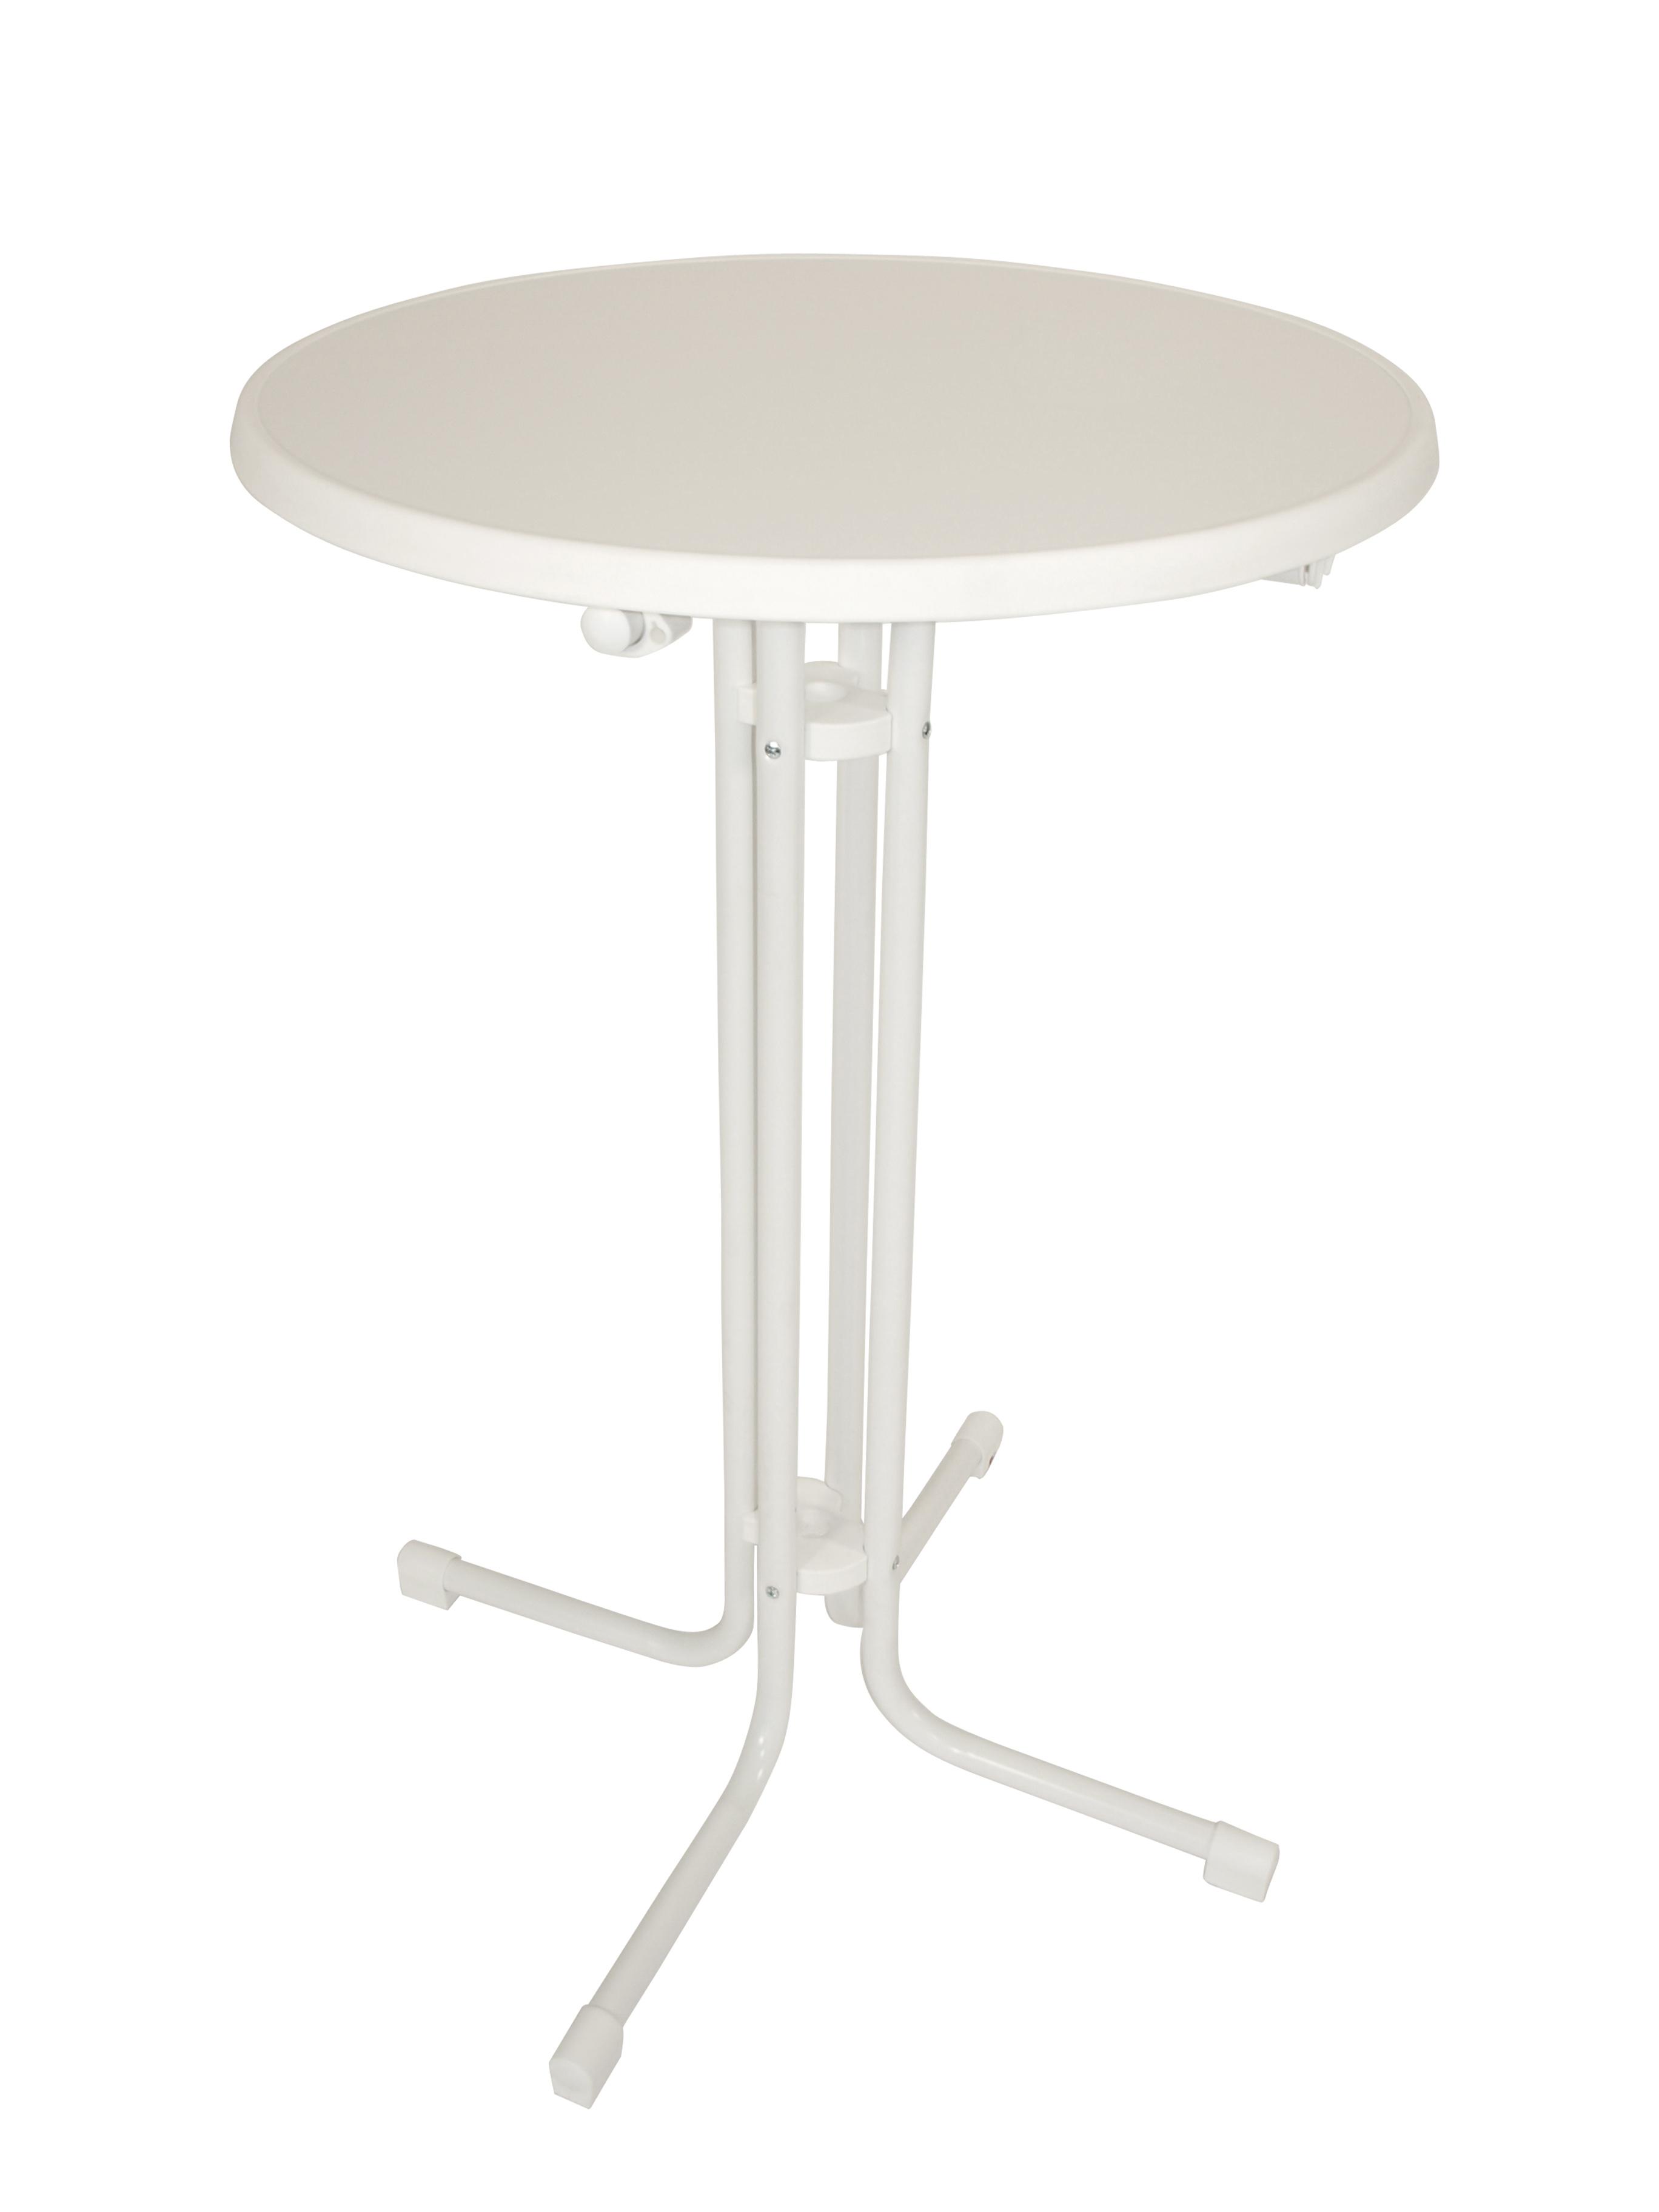 mfg klapp stehtisch stehbiertisch mit sevelit platte 70cm weiss marmoriert ebay. Black Bedroom Furniture Sets. Home Design Ideas